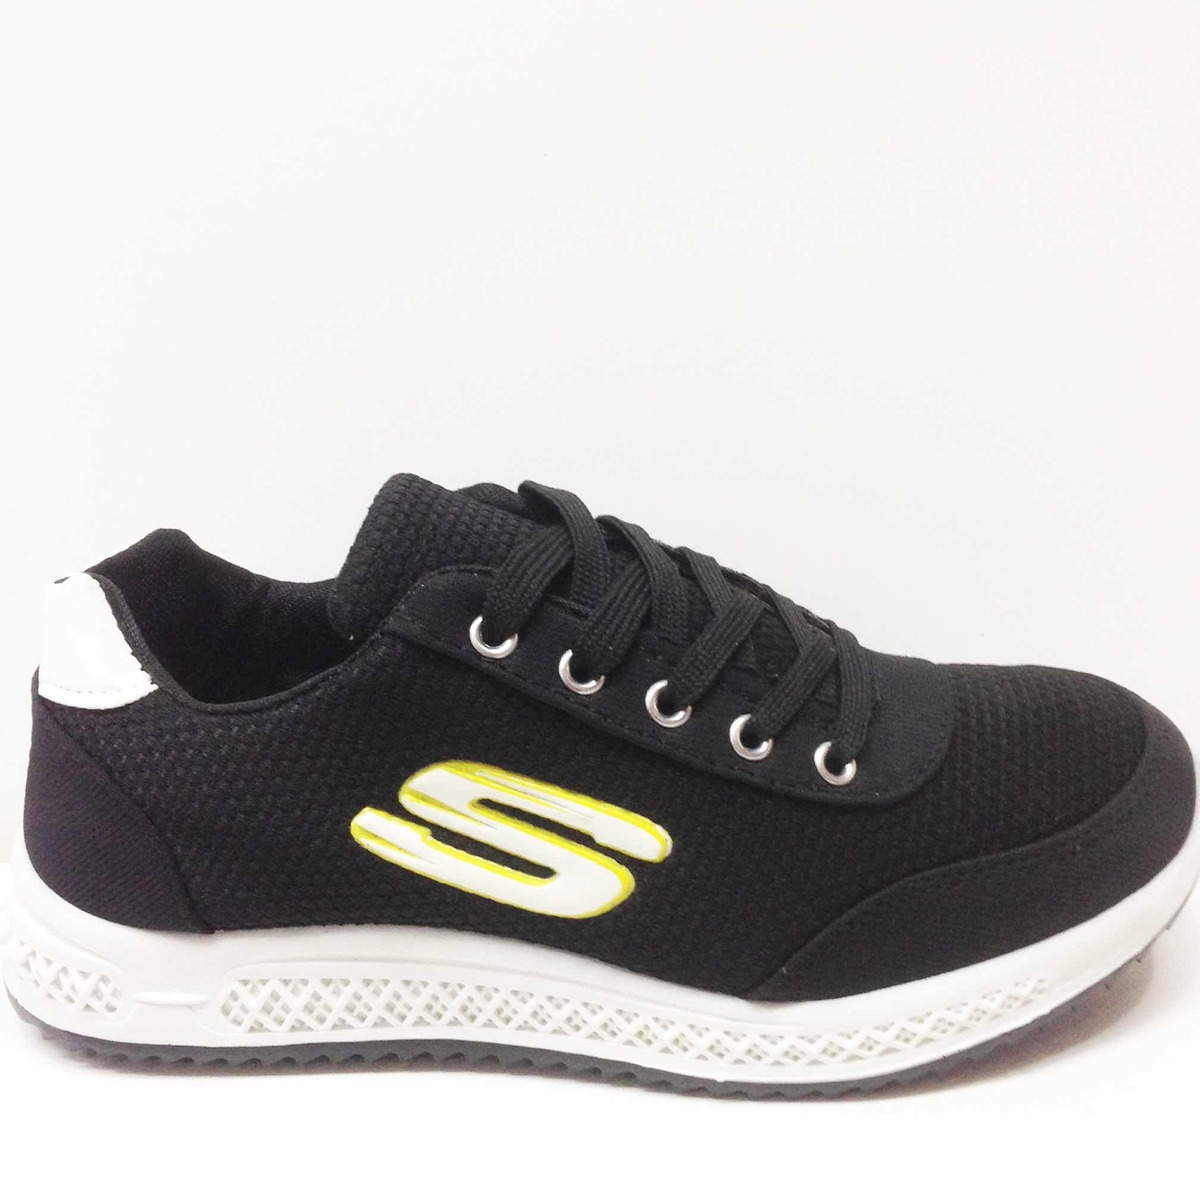 zapatos imitacion skechers baratas